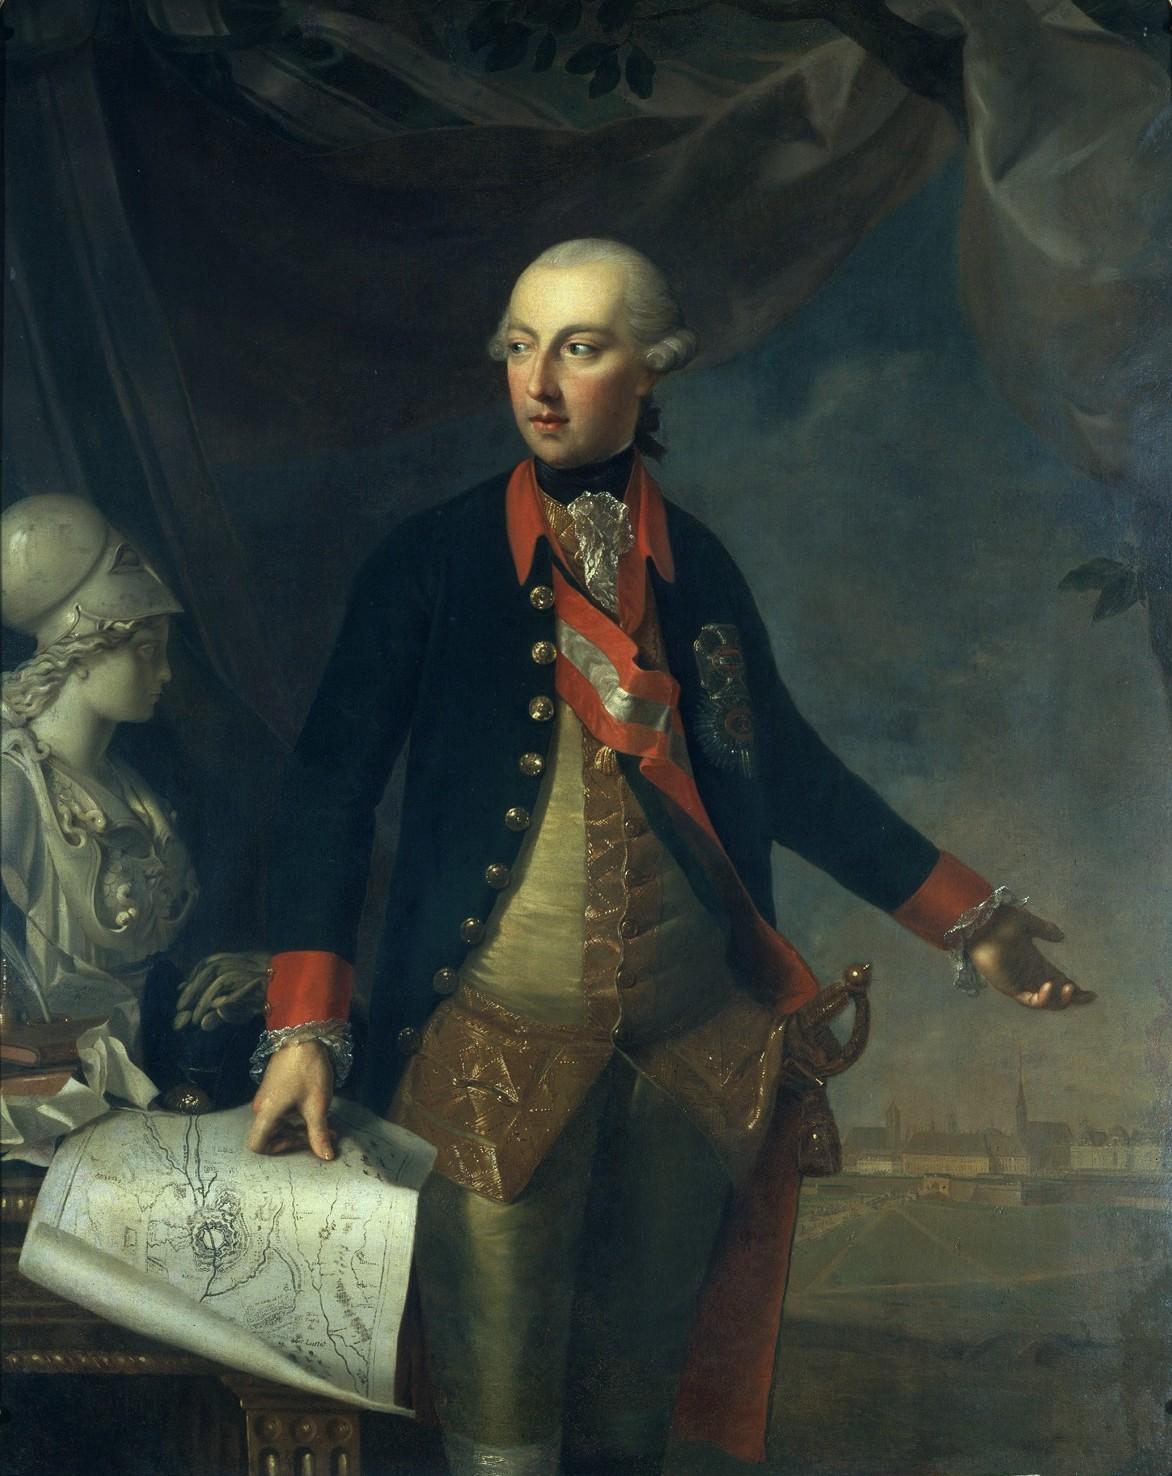 Gemälde von Joseph II. in Uniform mit Ordensschmuck.